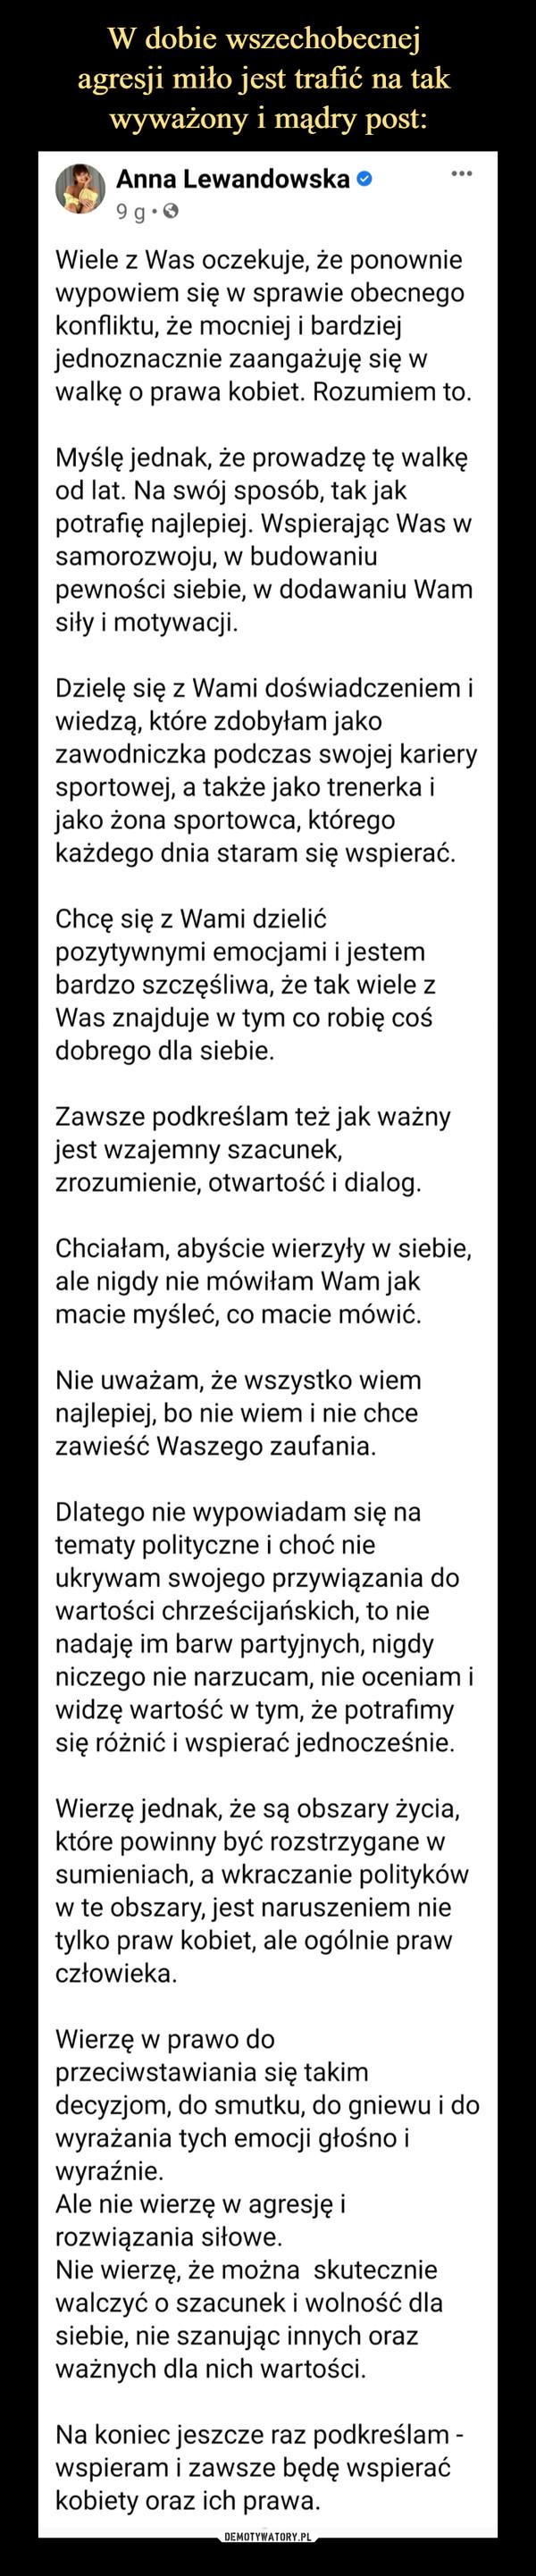 –  Anna Lewandowska o•..9 g•OWiele z Was oczekuje, że ponowniewypowiem się w sprawie obecnegokonfliktu, że mocniej i bardziejjednoznacznie zaangażuję się wwalkę o prawa kobiet. Rozumiem to.Myślę jednak, że prowadzę tę walkęod lat. Na swój sposób, tak jakpotrafię najlepiej. Wspierając Was wsamorozwoju, w budowaniupewności siebie, w dodawaniu Wamsiły i motywacji.Dzielę się z Wami doświadczeniem iwiedzą, które zdobyłam jakozawodniczka podczas swojej karierysportowej, a także jako trenerka ijako żona sportowca, któregokażdego dnia staram się wspierać.Chcę się z Wami dzielićpozytywnymi emocjami i jestembardzo szczęśliwa, że tak wiele zWas znajduje w tym co robię cośdobrego dla siebie.Zawsze podkreślam też jak ważnyjest wzajemny szacunek,zrozumienie, otwartość i dialog.Chciałam, abyście wierzyły w siebie,ale nigdy nie mówiłam Wam jakmacie myśleć, co macie mówić.Nie uważam, że wszystko wiemnajlepiej, bo nie wiem i nie chcezawieść Waszego zaufania.Dlatego nie wypowiadam się natematy polityczne i choć nieukrywam swojego przywiązania dowartości chrześcijańskich, to nienadaję im barw partyjnych, nigdyniczego nie narzucam, nie oceniam iwidzę wartość w tym, że potrafımysię różnić i wspierać jednocześnie.Wierzę jednak, że są obszary życia,które powinny być rozstrzygane wsumieniach, a wkraczanie politykóww te obszary, jest naruszeniem nietylko praw kobiet, ale ogólnie prawczłowieka.Wierzę w prawo doprzeciwstawiania się takimdecyzjom, do smutku, do gniewu i dowyrażania tych emocji głośno iwyraźnie.Ale nie wierzę w agresję irozwiązania siłowe.Nie wierzę, że można skuteczniewalczyć o szacunek i wolność dlasiebie, nie szanując innych orazważnych dla nich wartości.Na koniec jeszcze raz podkreślam -wspieram i zawsze będę wspieraćkobiety oraz ich prawa.